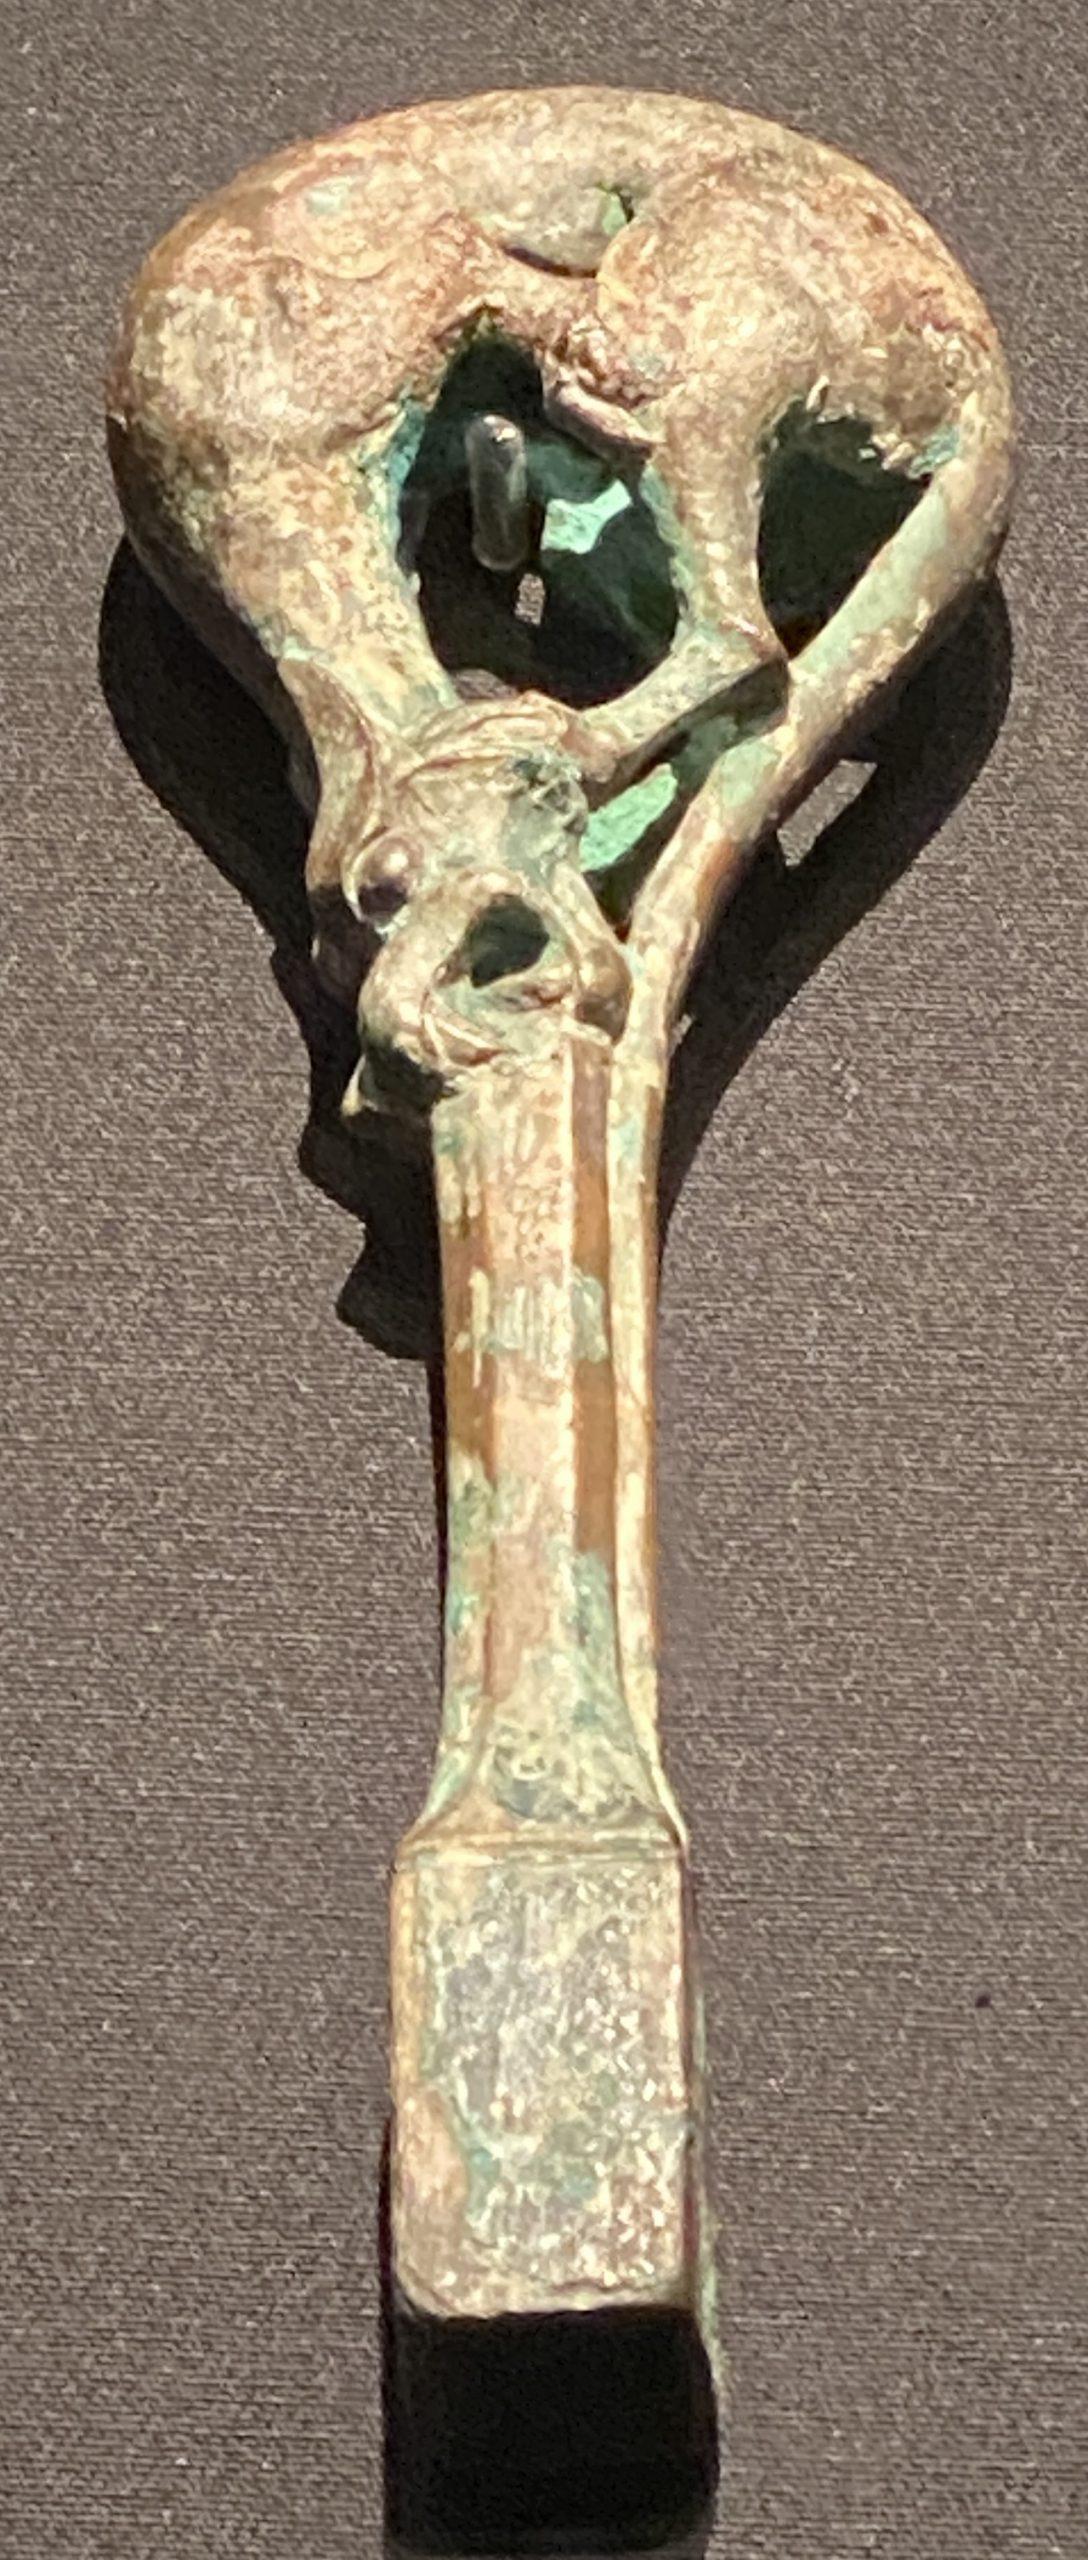 銅瑟軫鑰-【列備五都-秦漢時代の中国都市】-成都博物館-四川成都